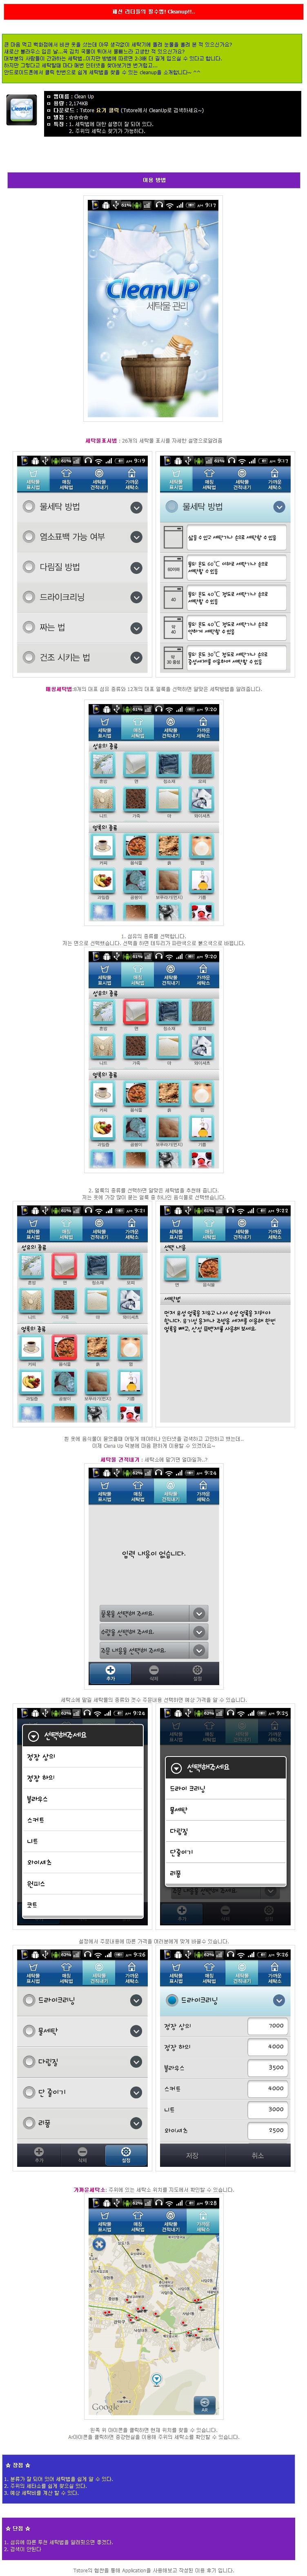 2010-08-30 10;33;19.jpg